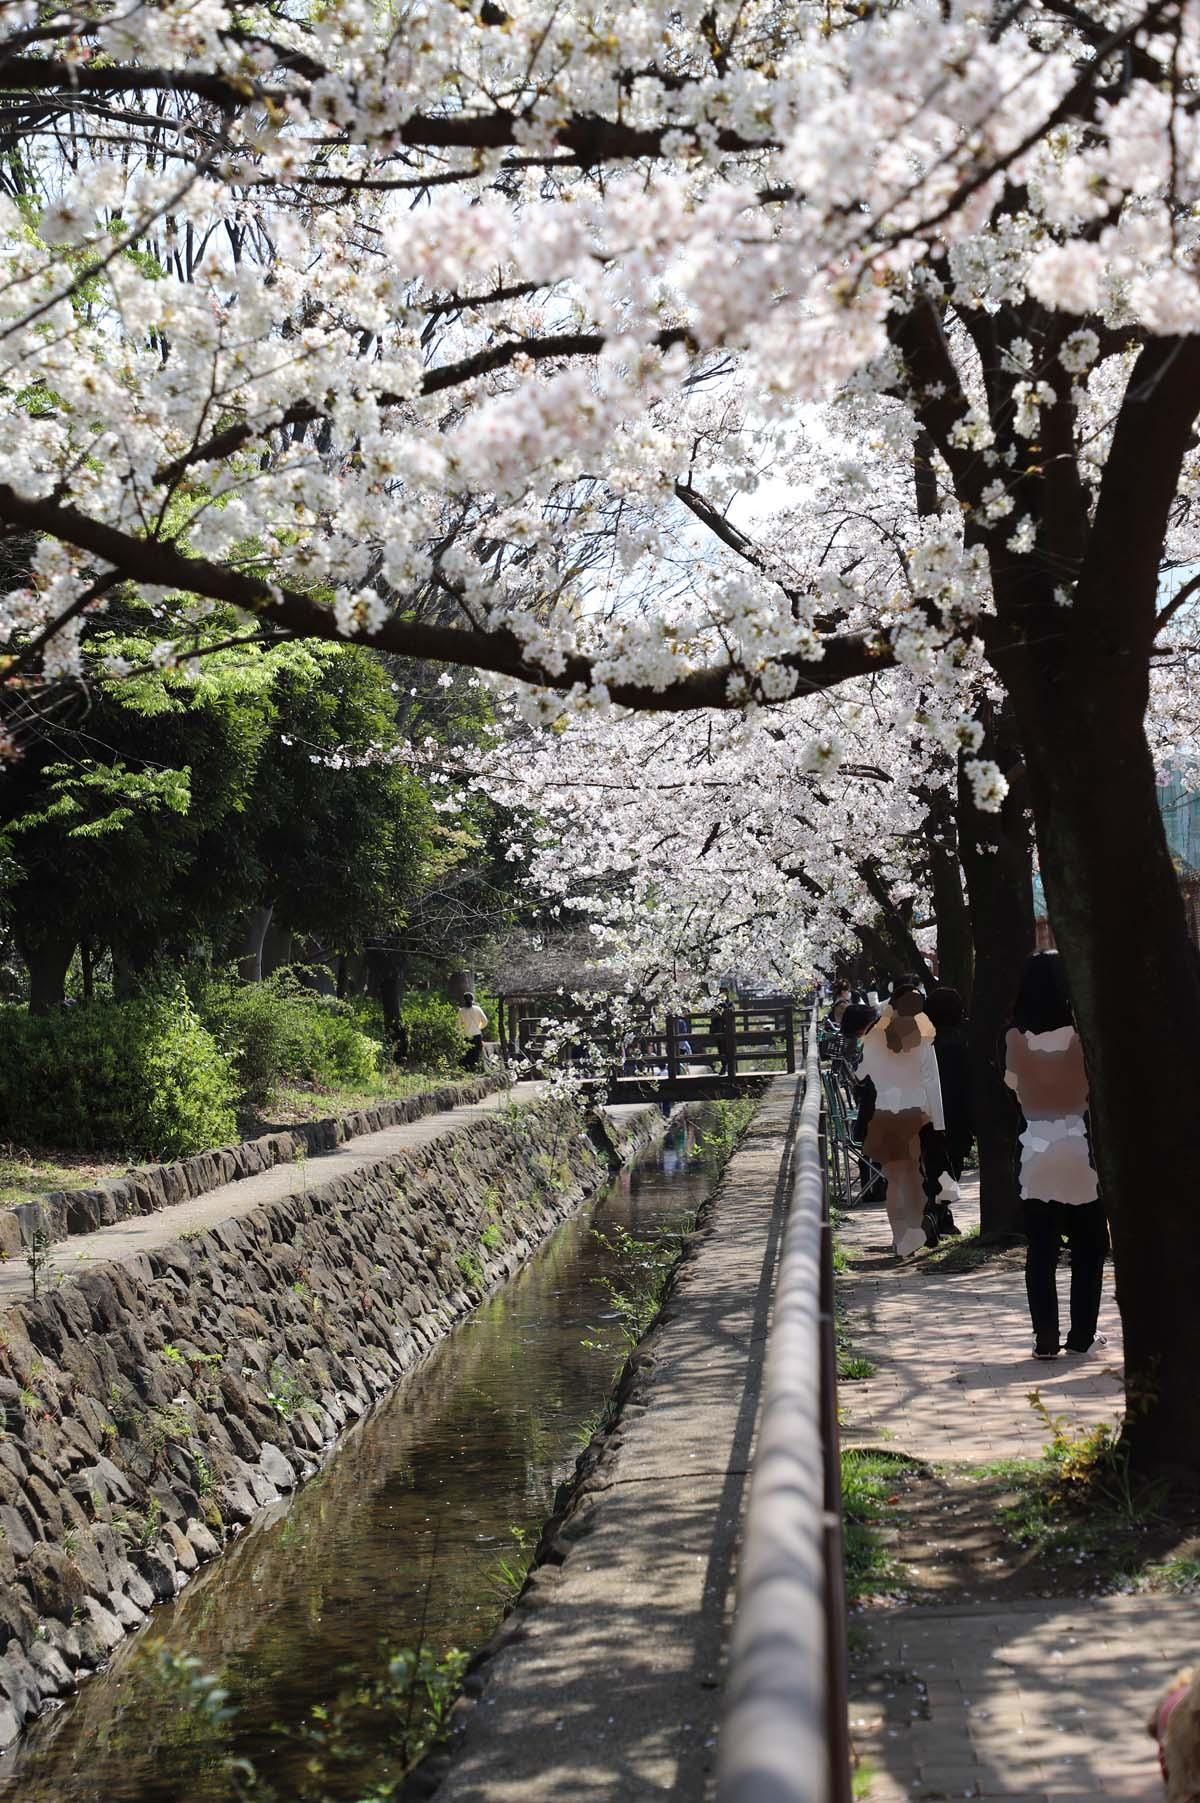 小川沿いの桜です。石垣と川の流れと桜のコントラストが見事です